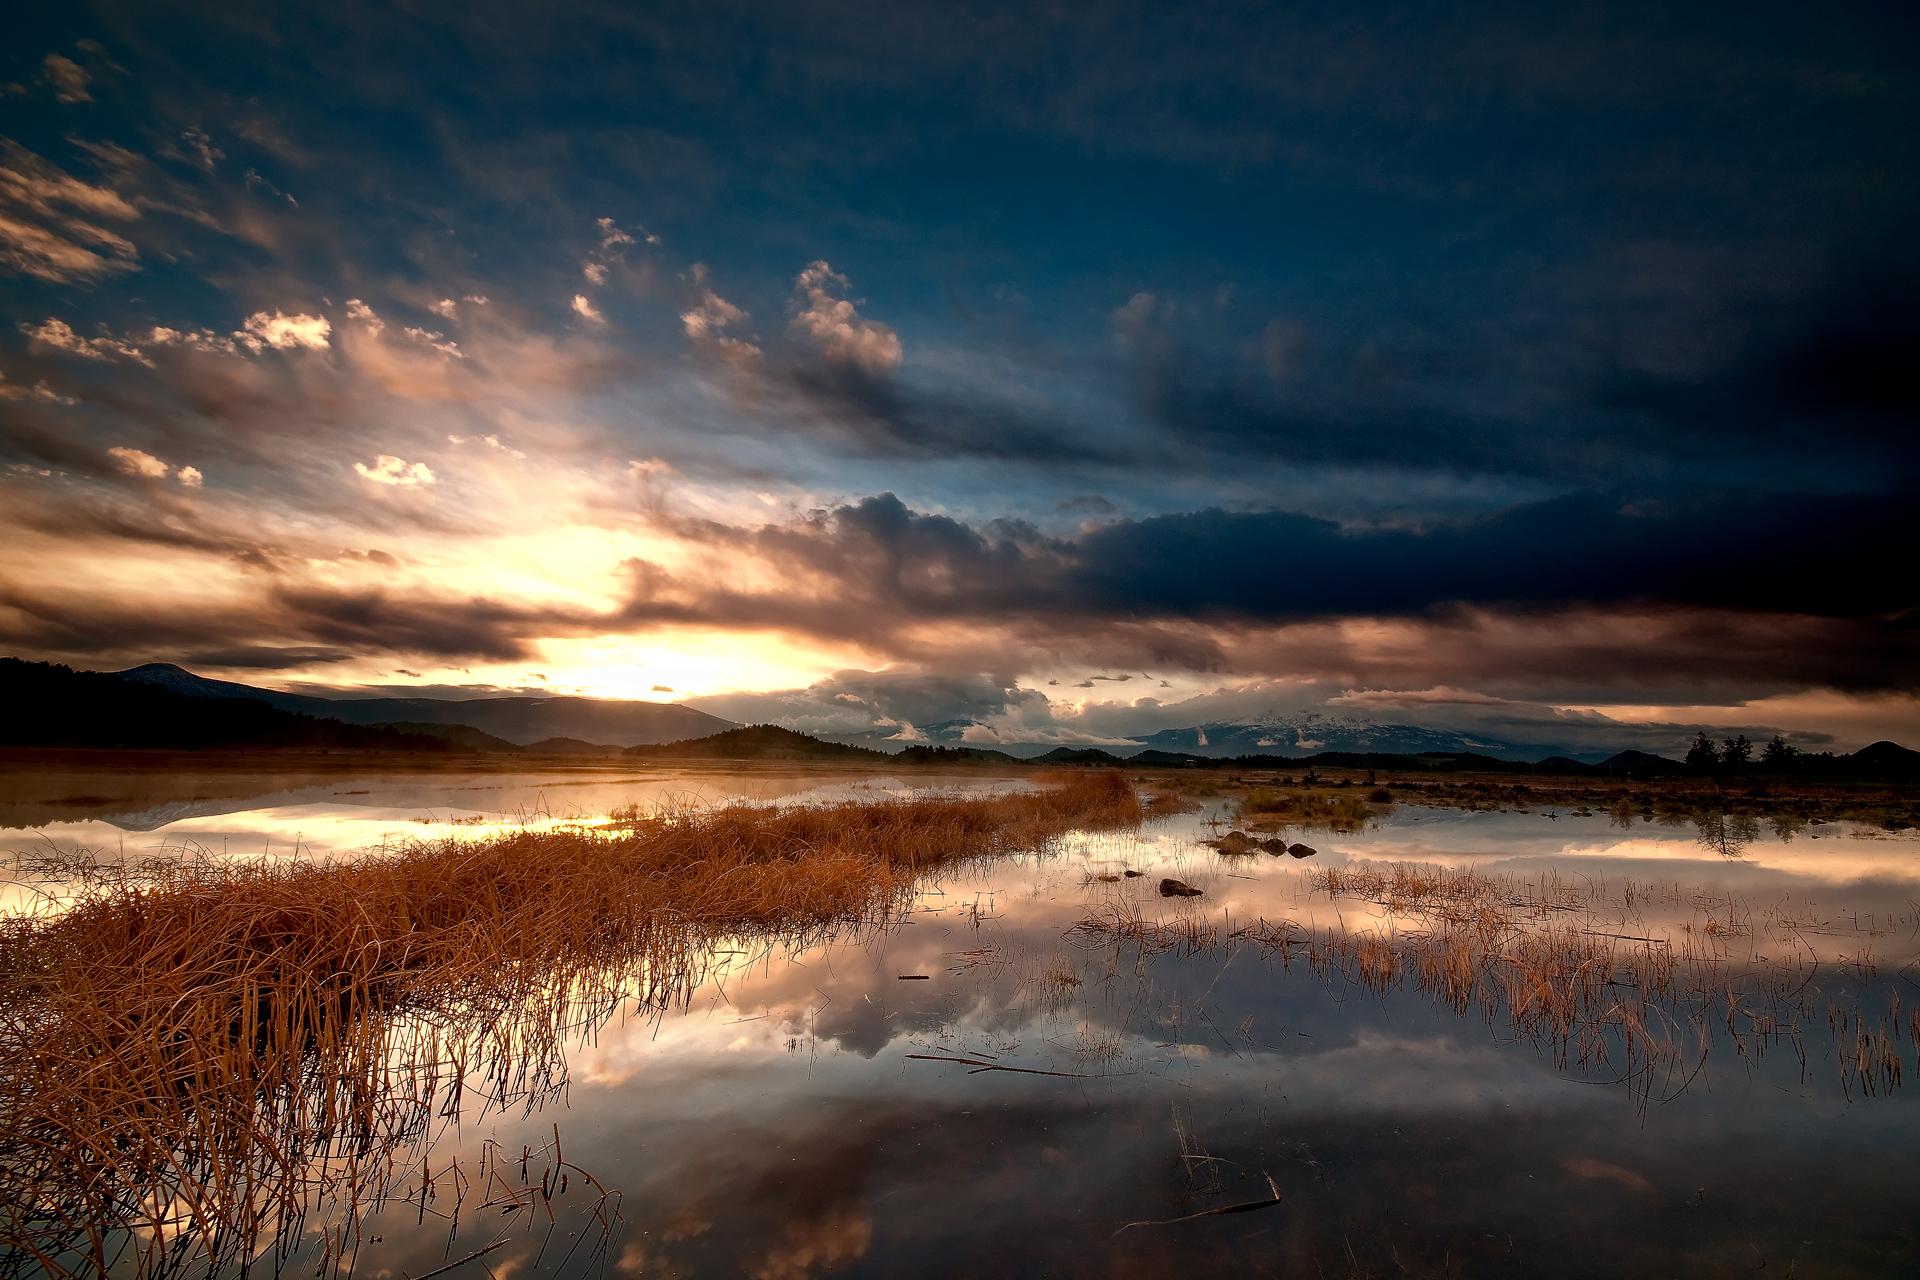 природа река горы облака набо nature river mountains clouds Noboa  № 2538710 без смс